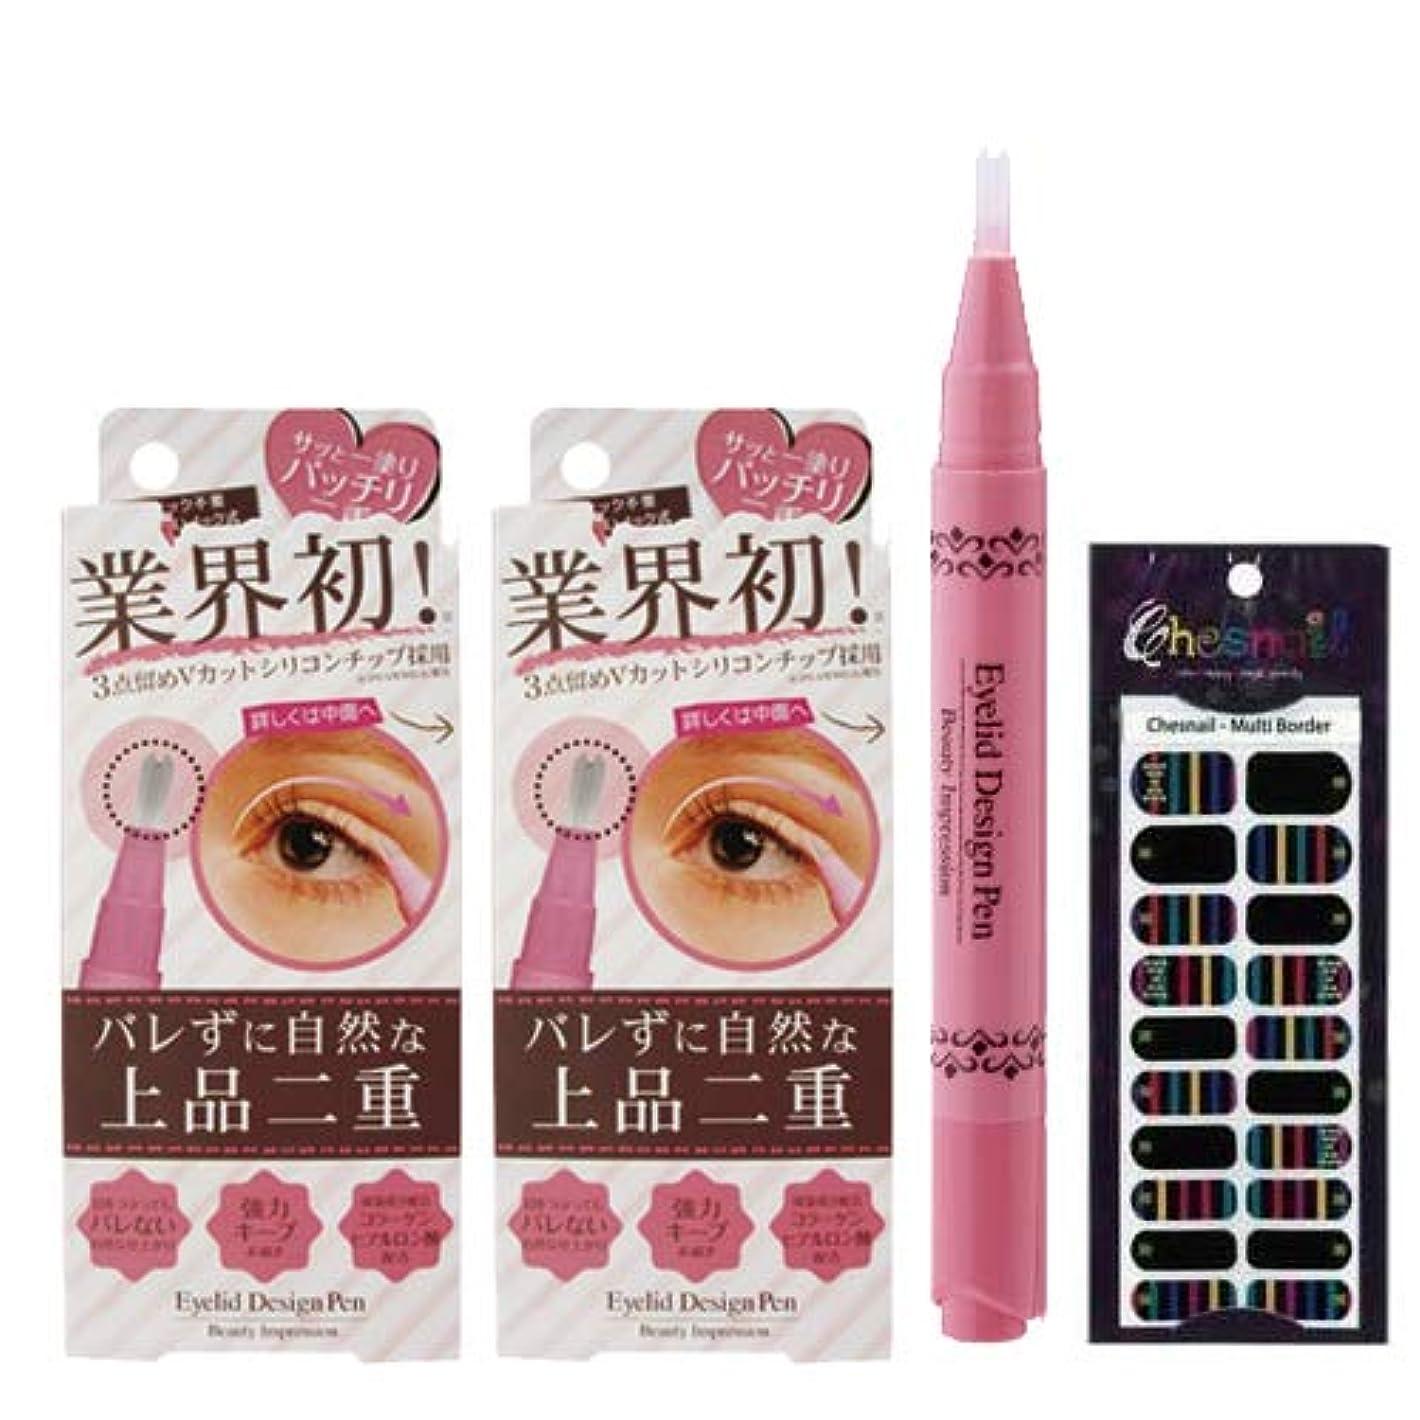 咳離れて地下Beauty Impression アイリッドデザインペン 2ml (二重まぶた形成化粧品) ×2個 + チェスネイル(マルチボーダー)セット